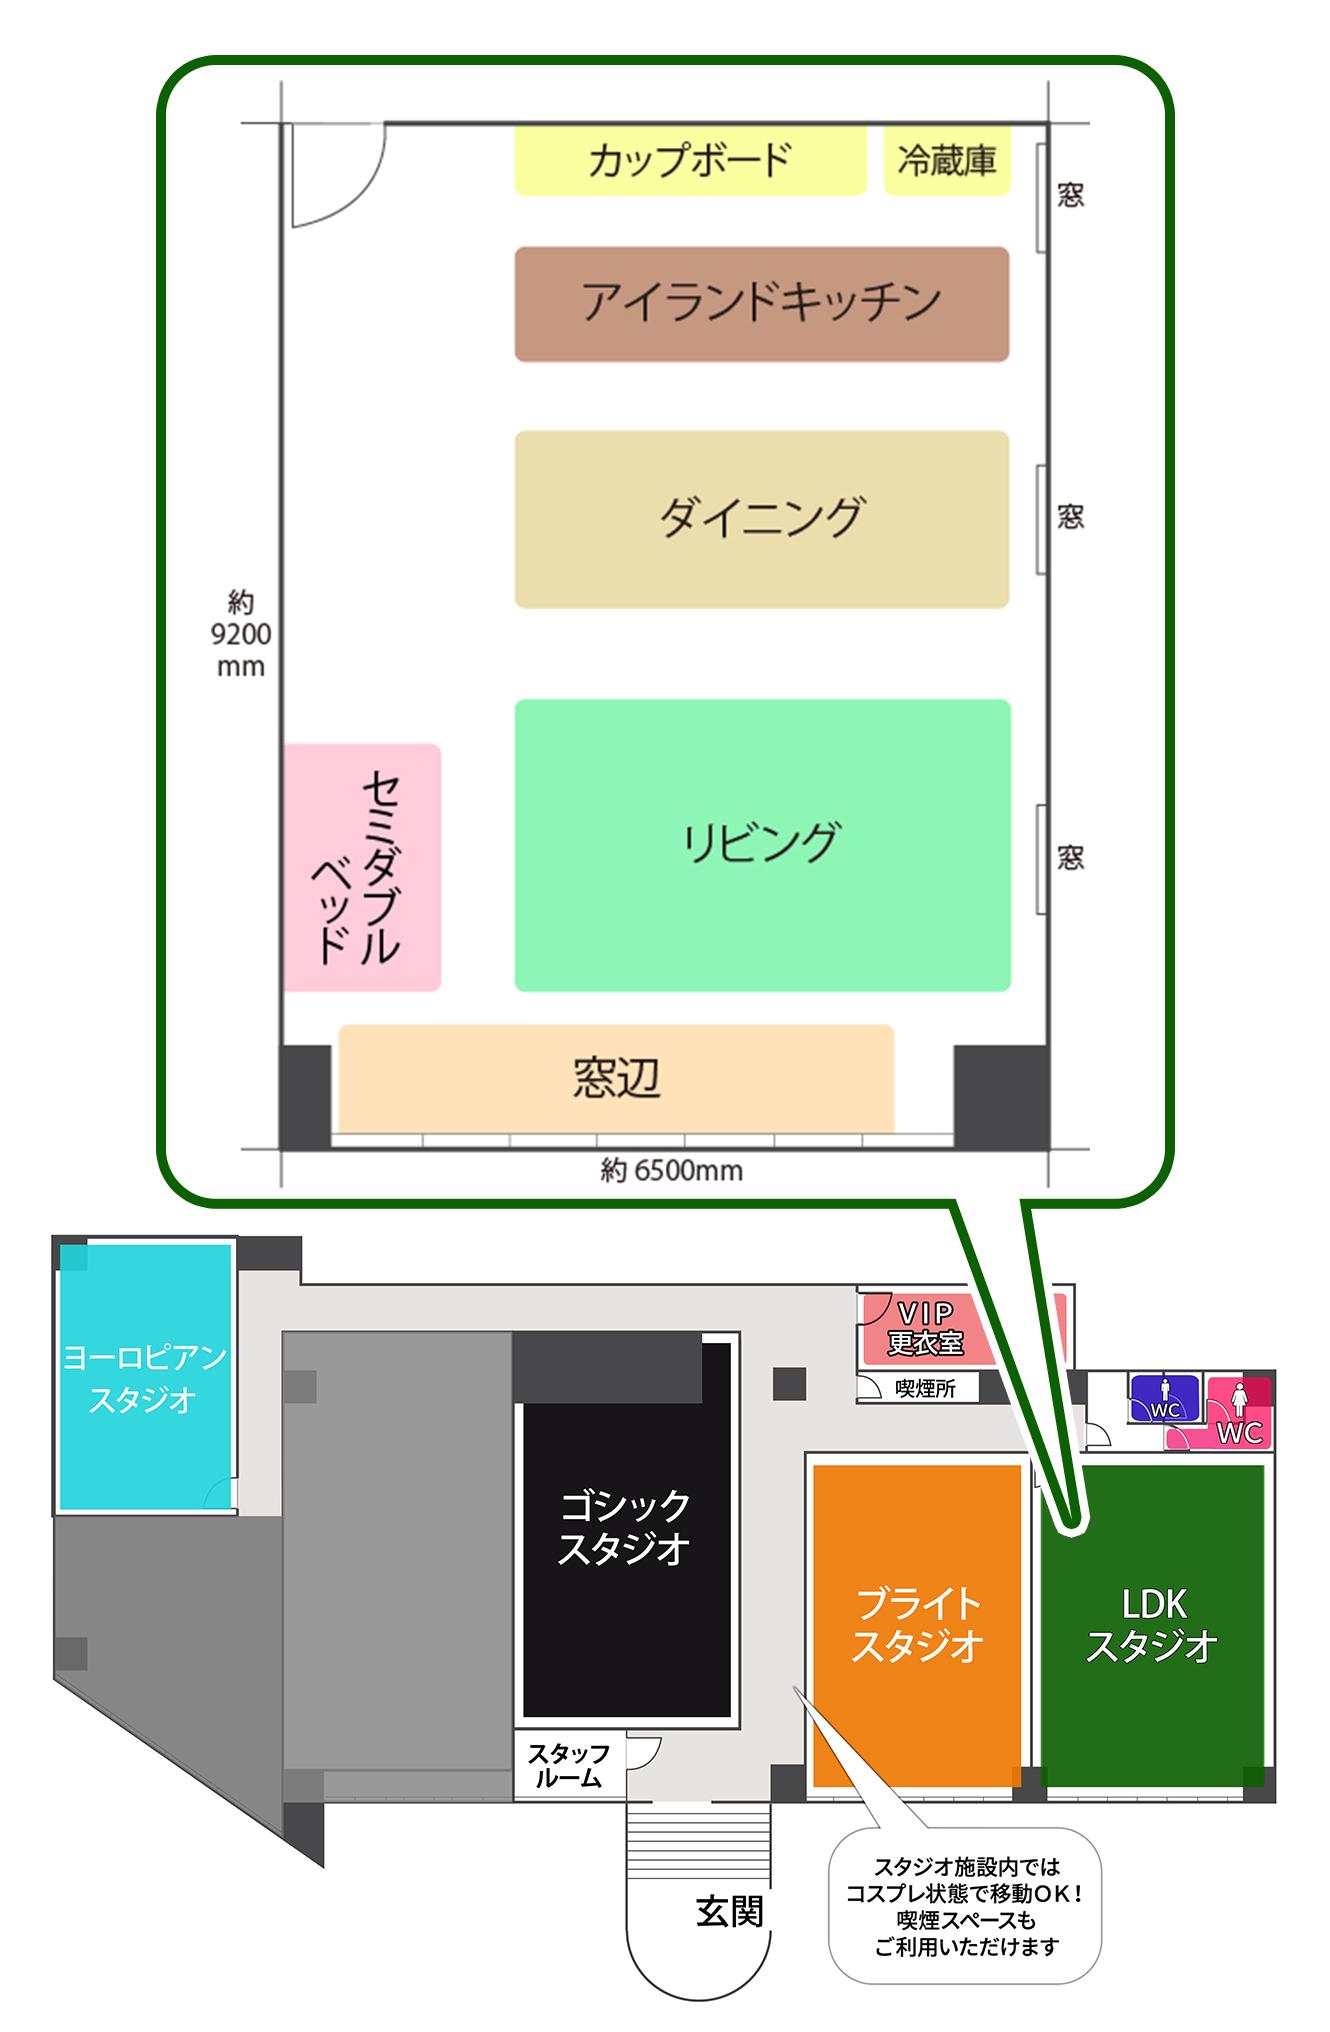 大阪平野店LDKスタジオ